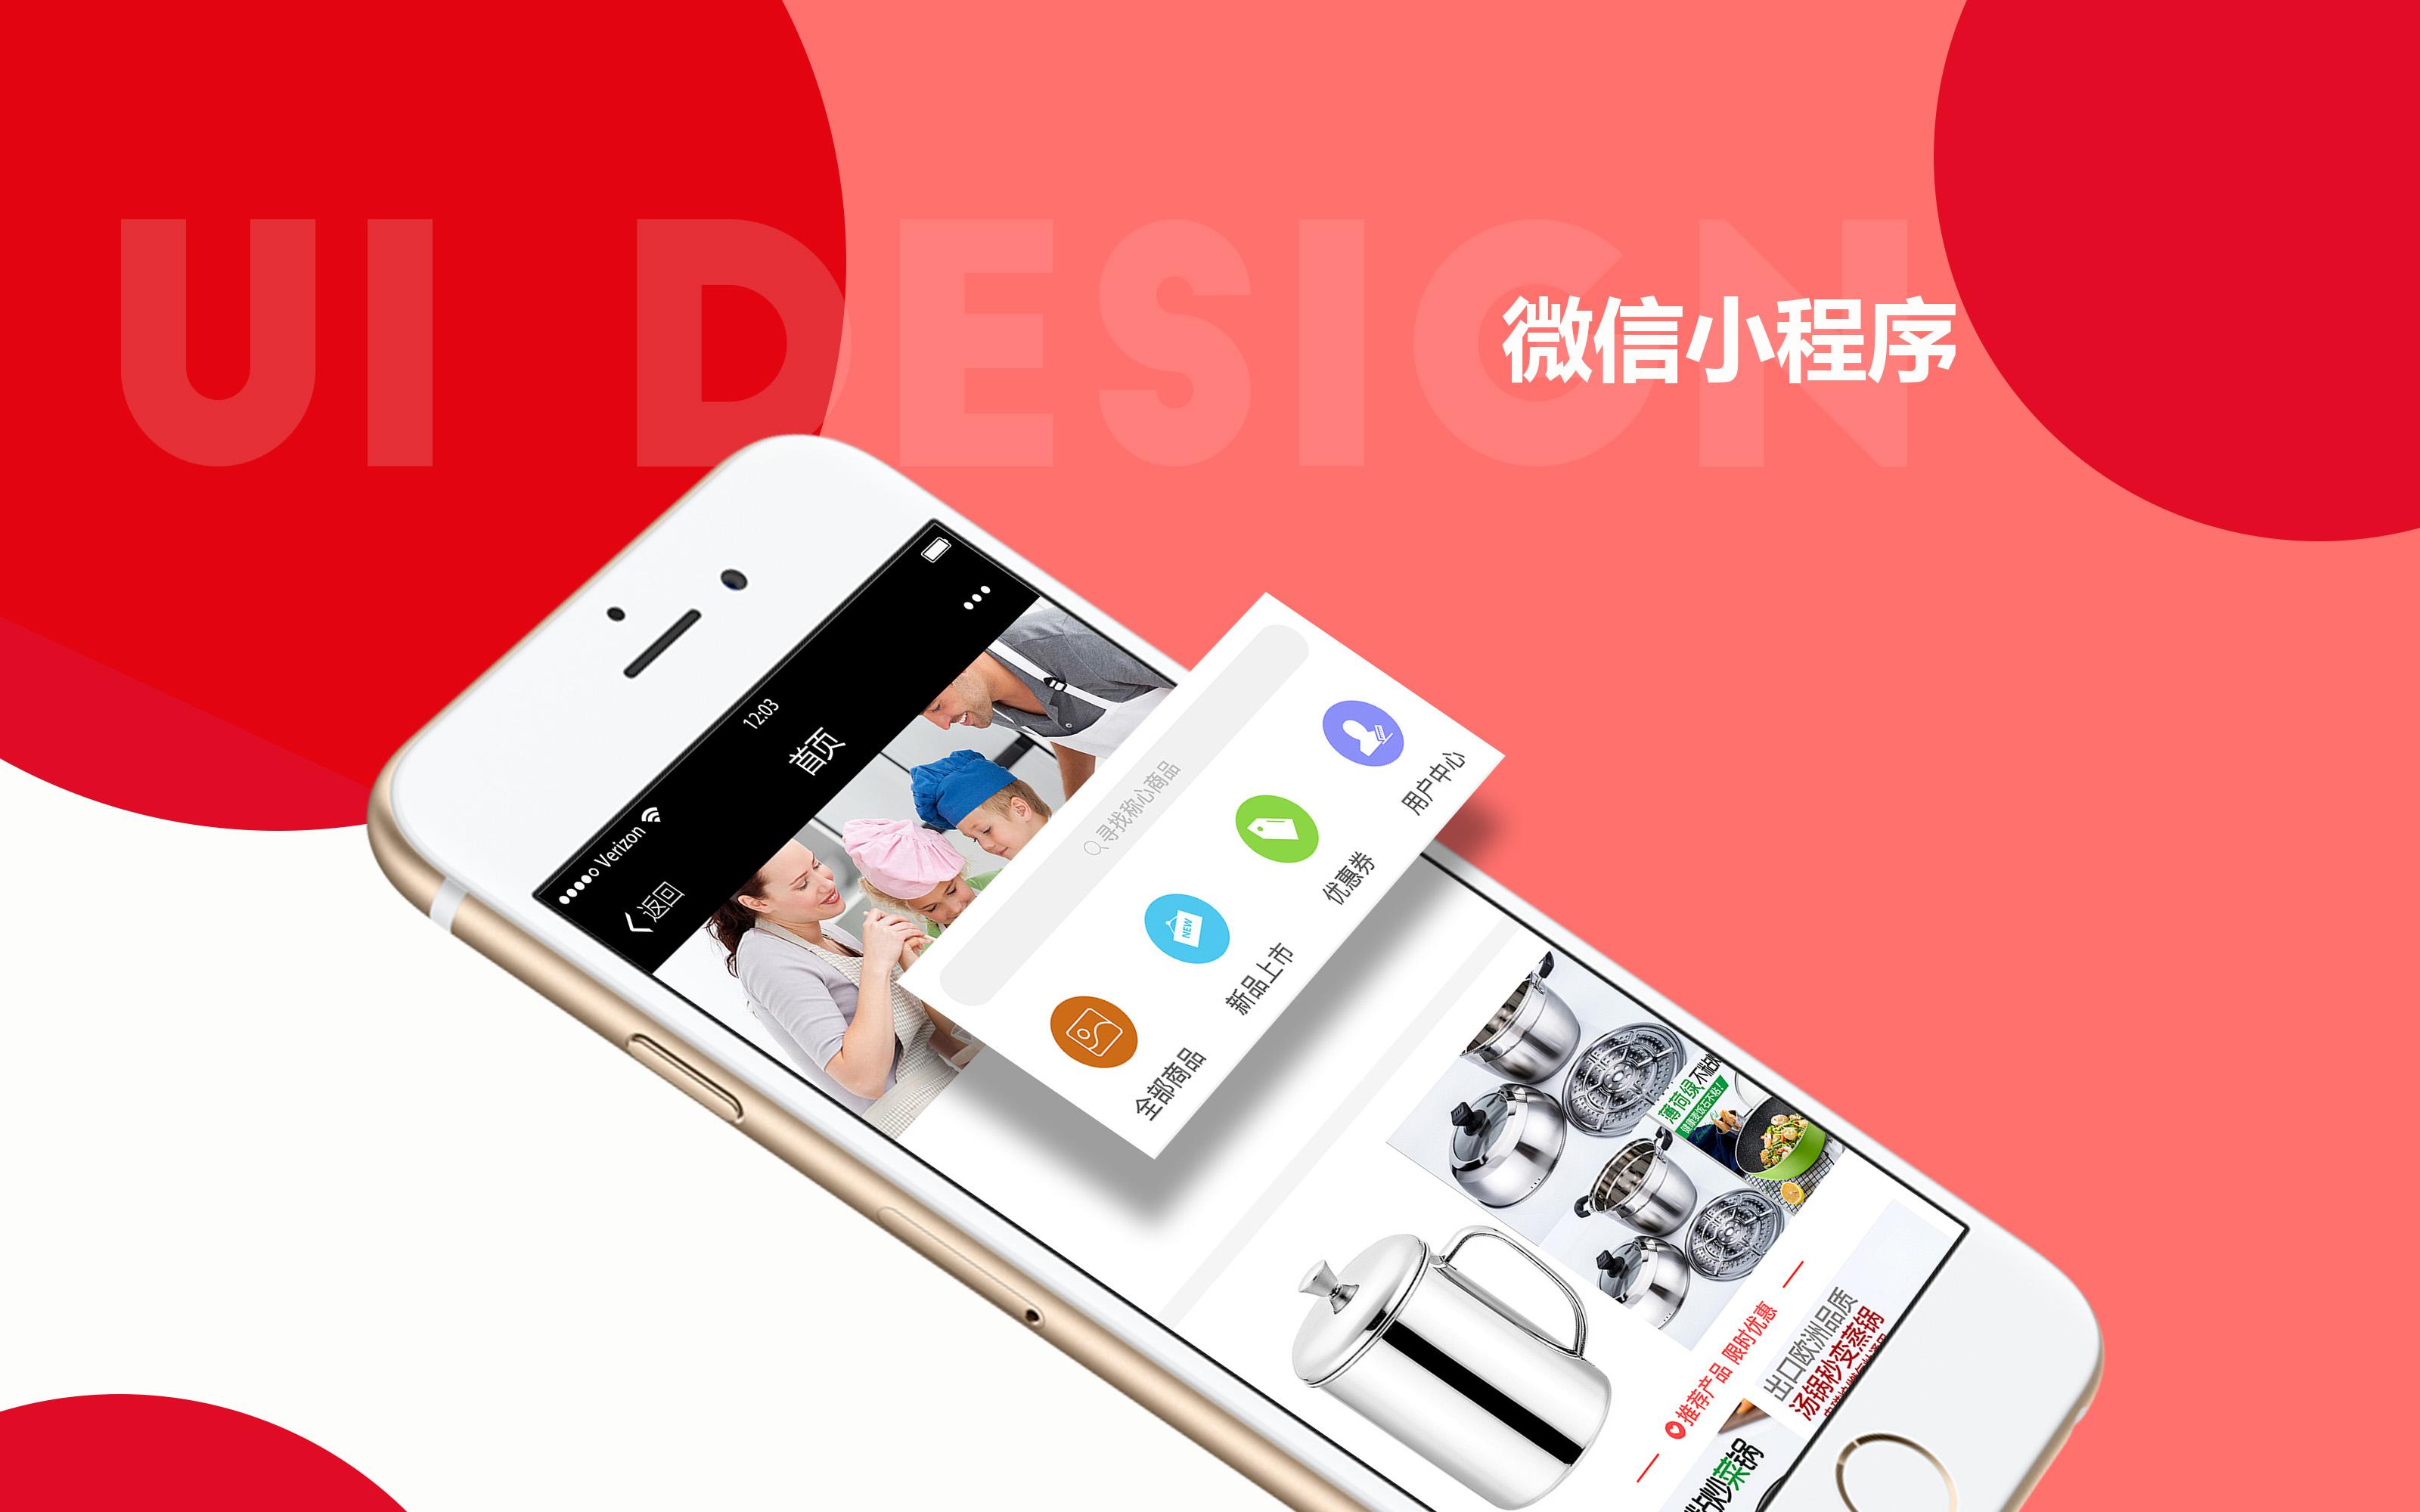 微信小程序 微信小程序开发广州定制开发